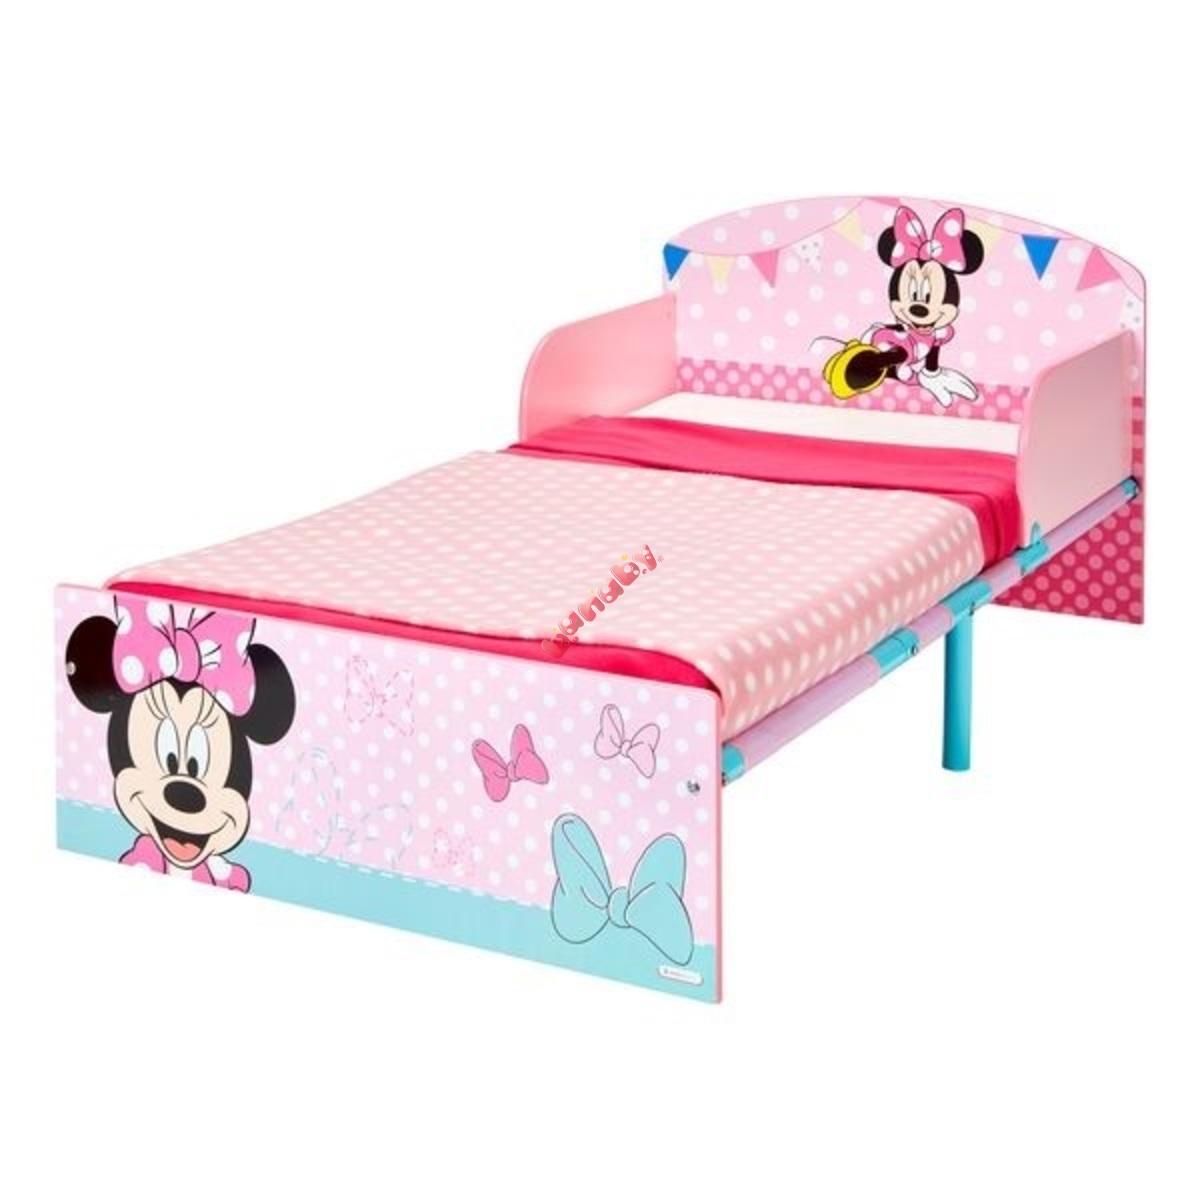 Minni Maus Bett : kinder bett minnie mouse 2 ~ Watch28wear.com Haus und Dekorationen